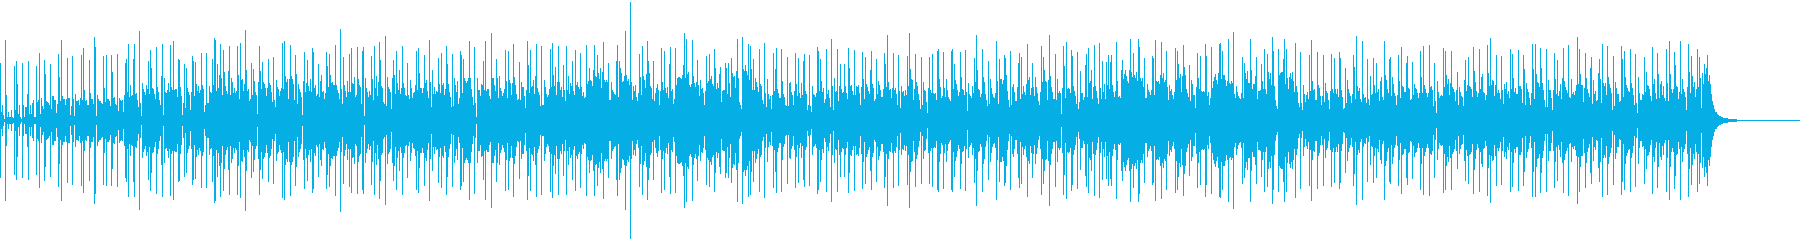 ホーンとギターのファンキーなグルーヴの再生済みの波形